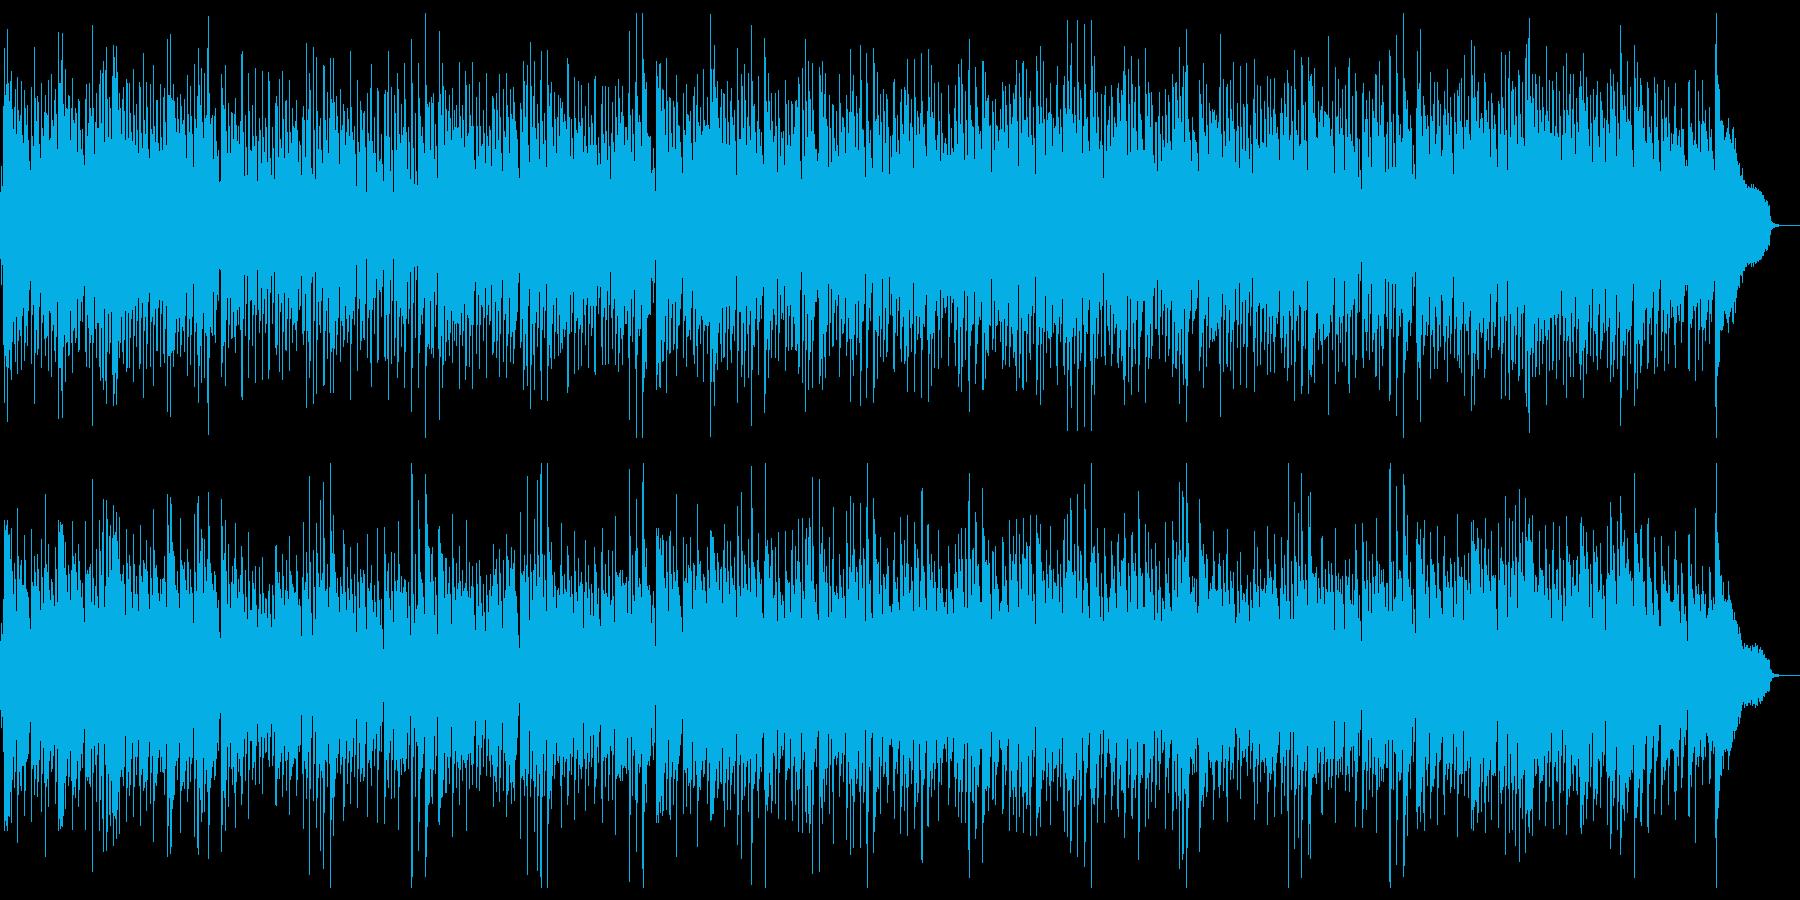 ぶらり旅:ユーモラスで楽しい和風曲 の再生済みの波形